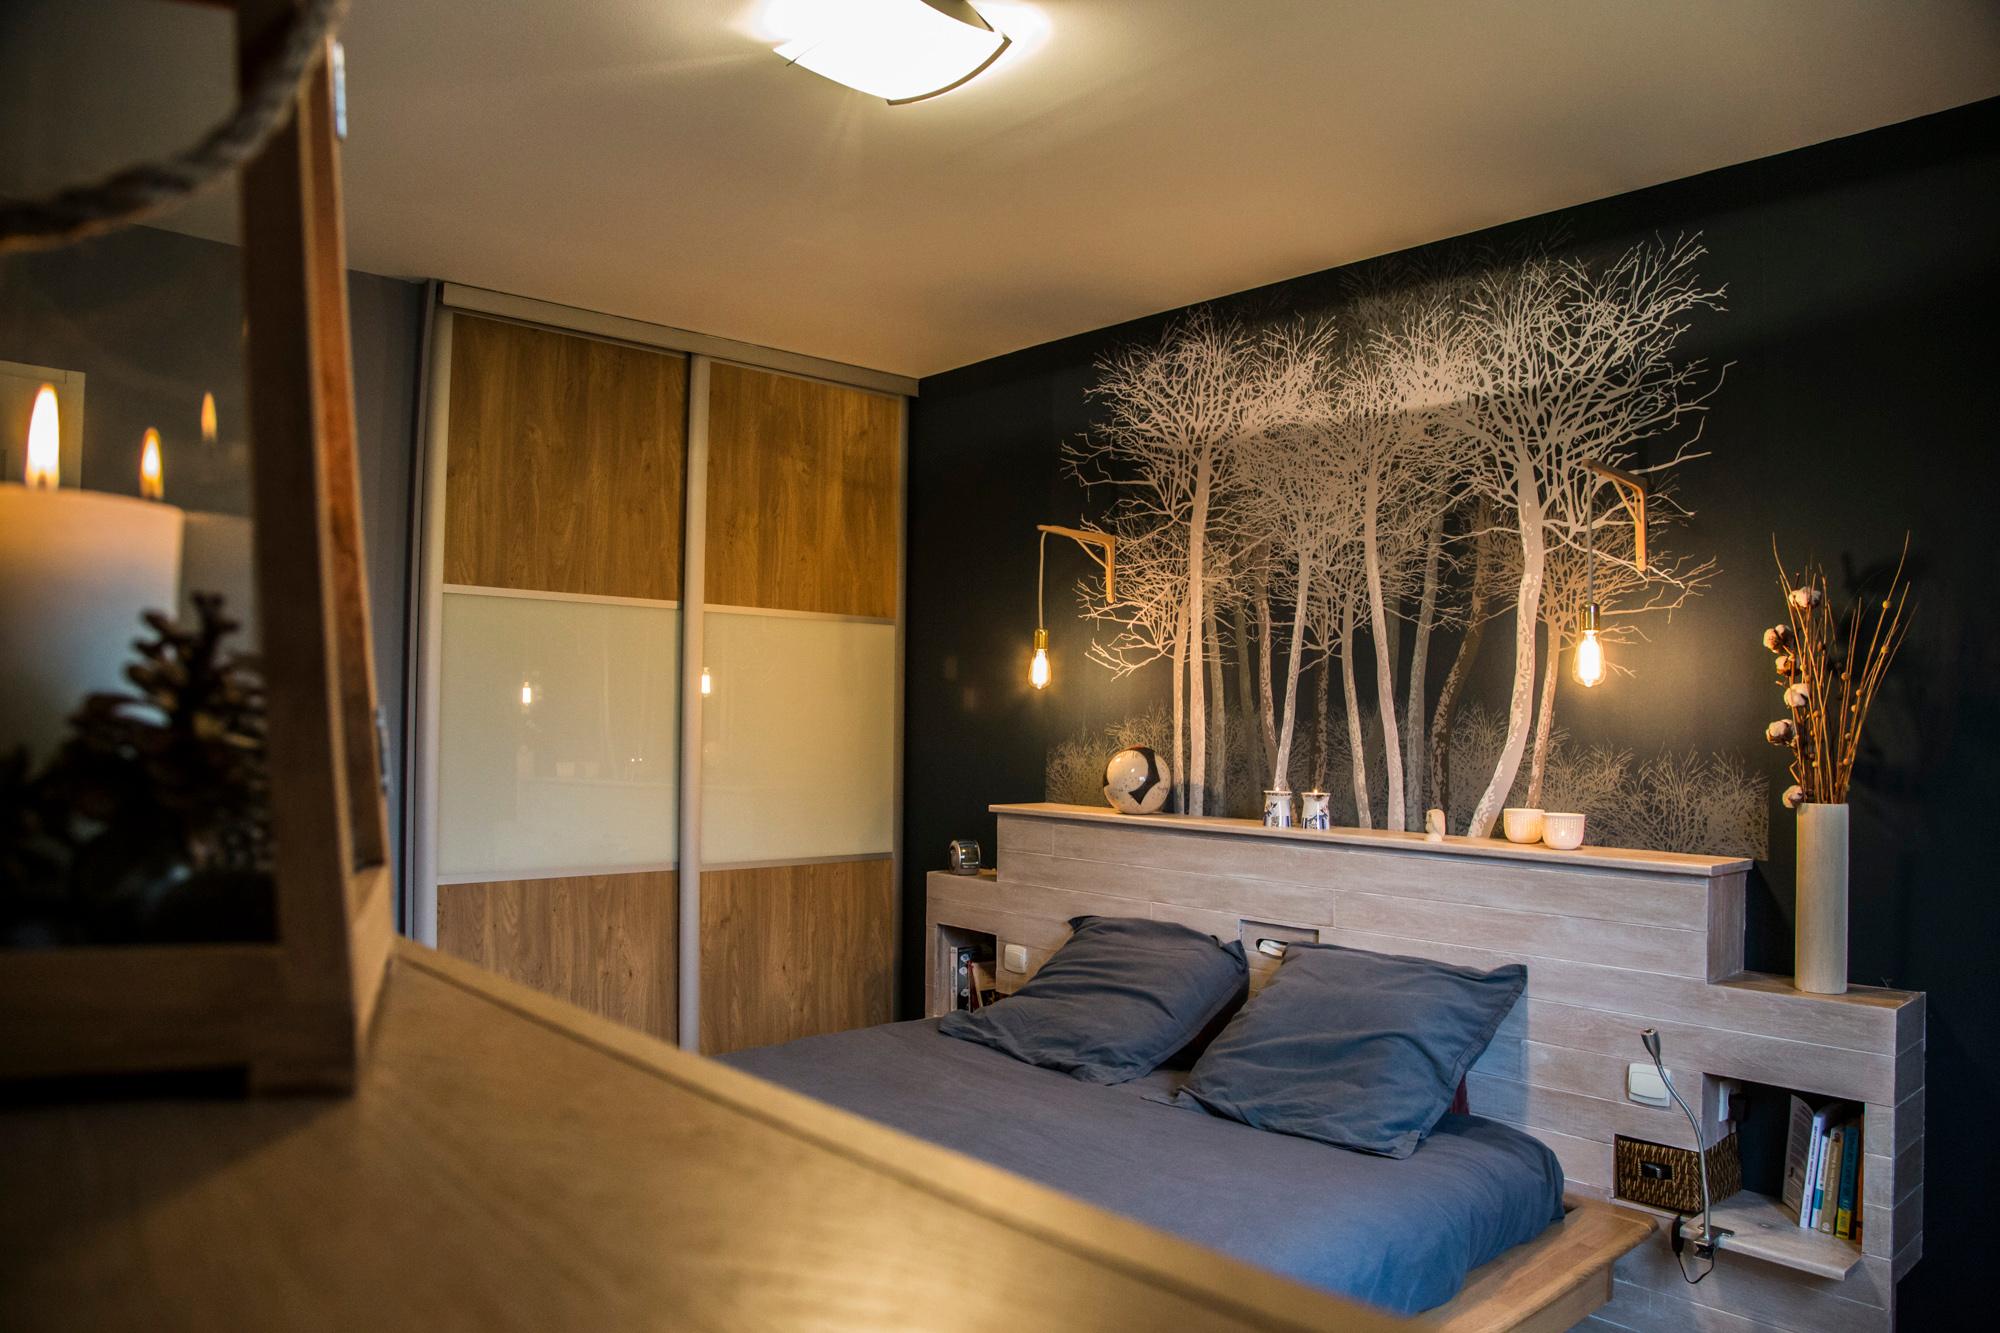 D coration chambre parentale nature - Deco chambre nature ...